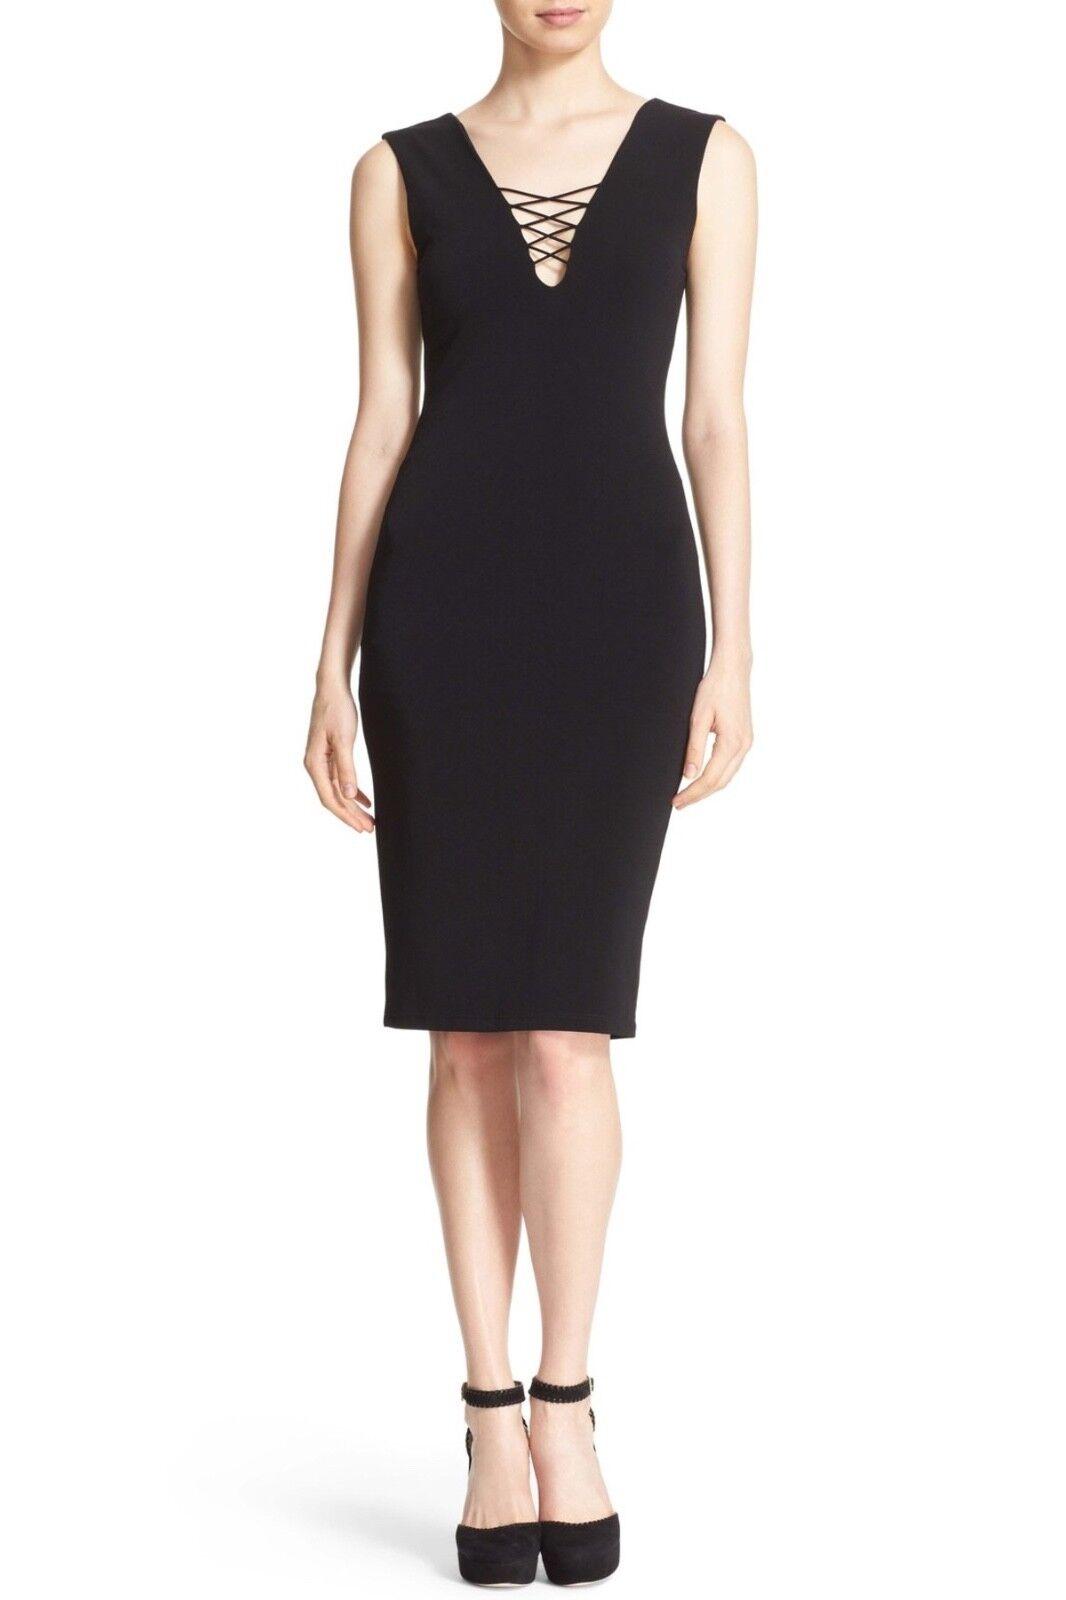 NWT  Alice + Olivia Asha Lace-Up V-Neck Sheath Dress in schwarz